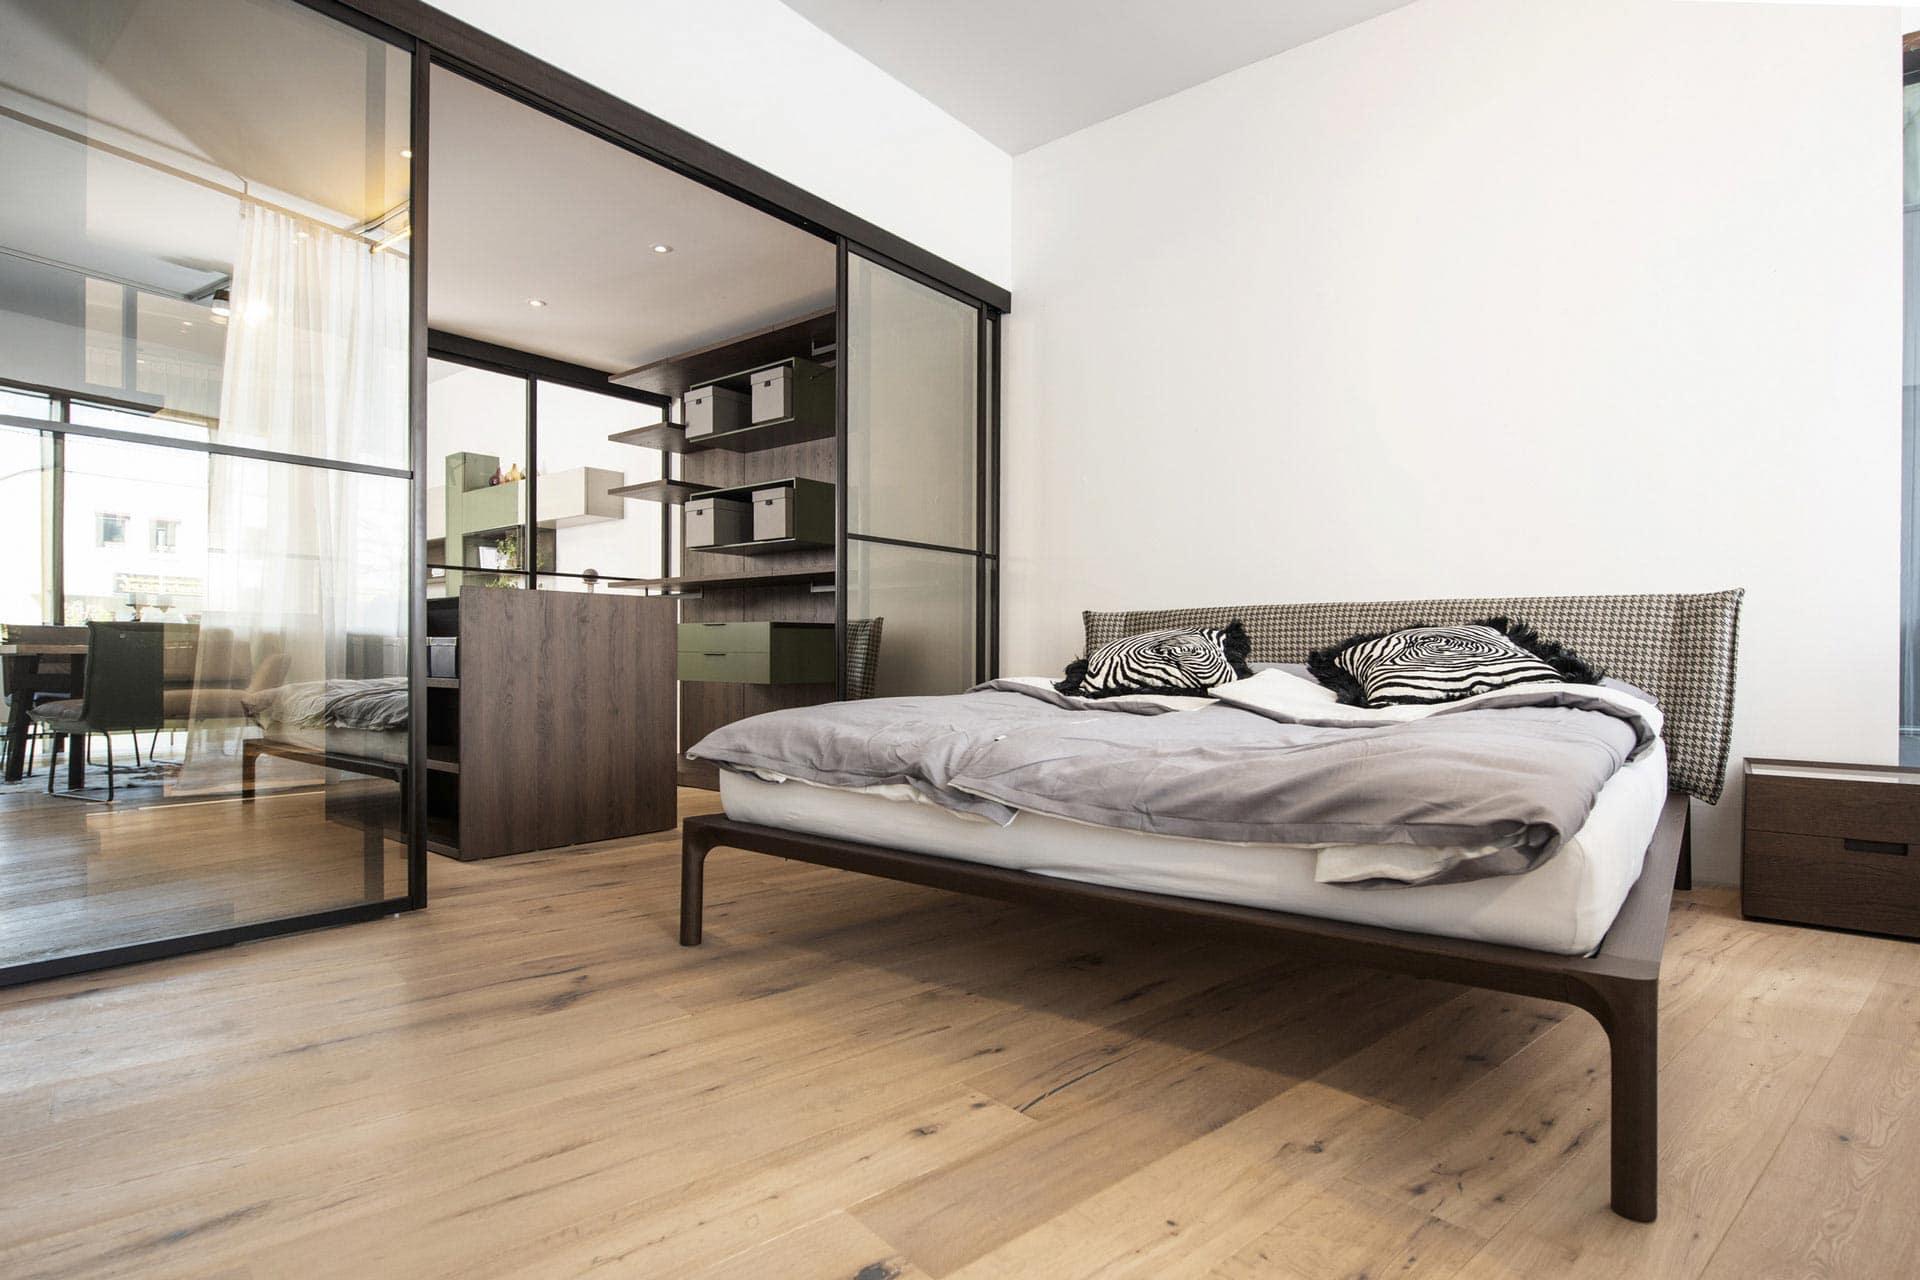 couchzone - Interior Design Innsbruck - Schlafzimmer